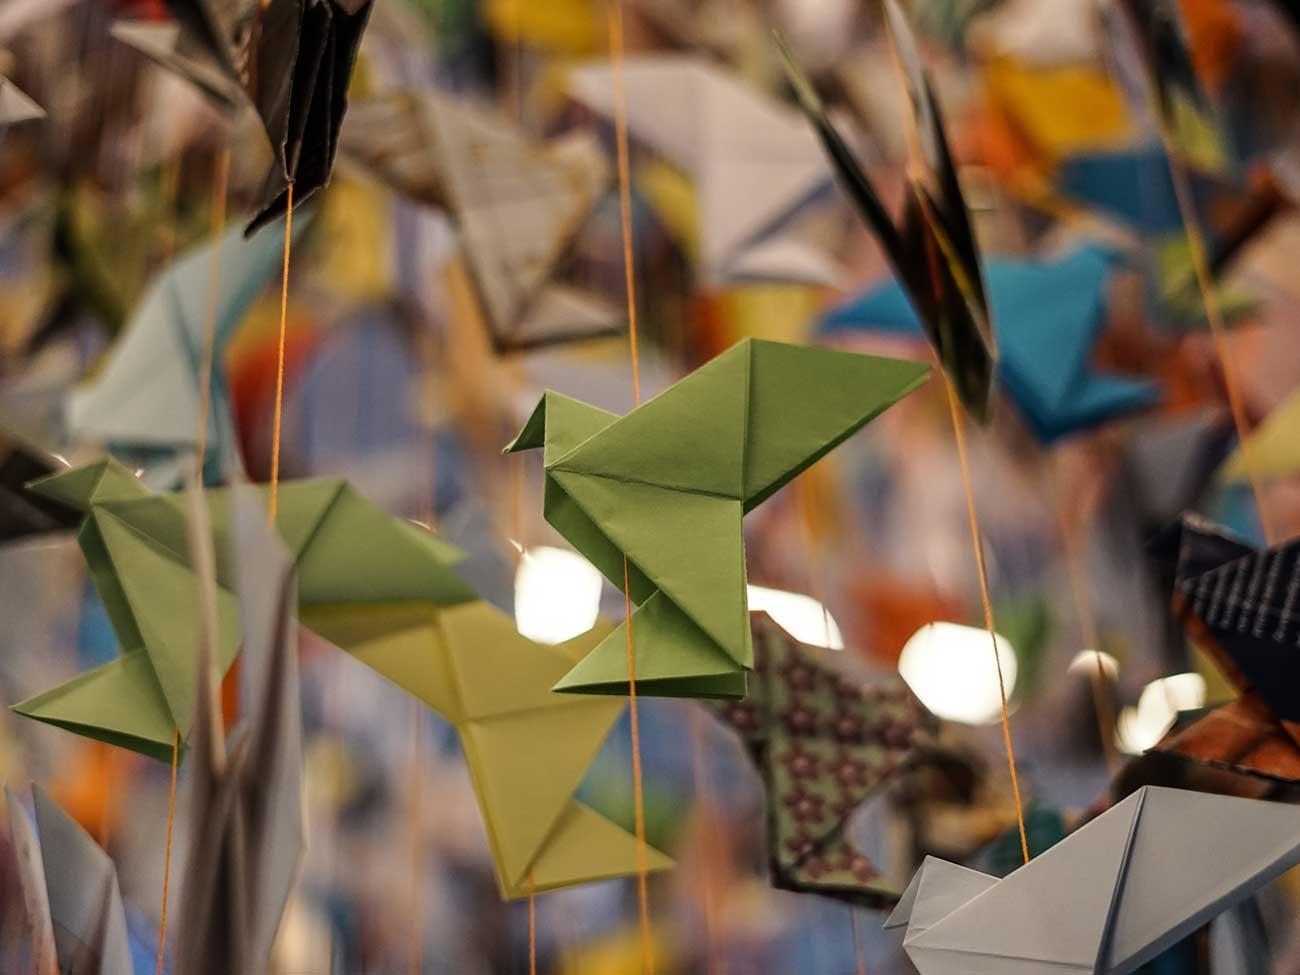 , Participez au projet « Origami for life » prochainement exposé au Mucem, Made in Marseille